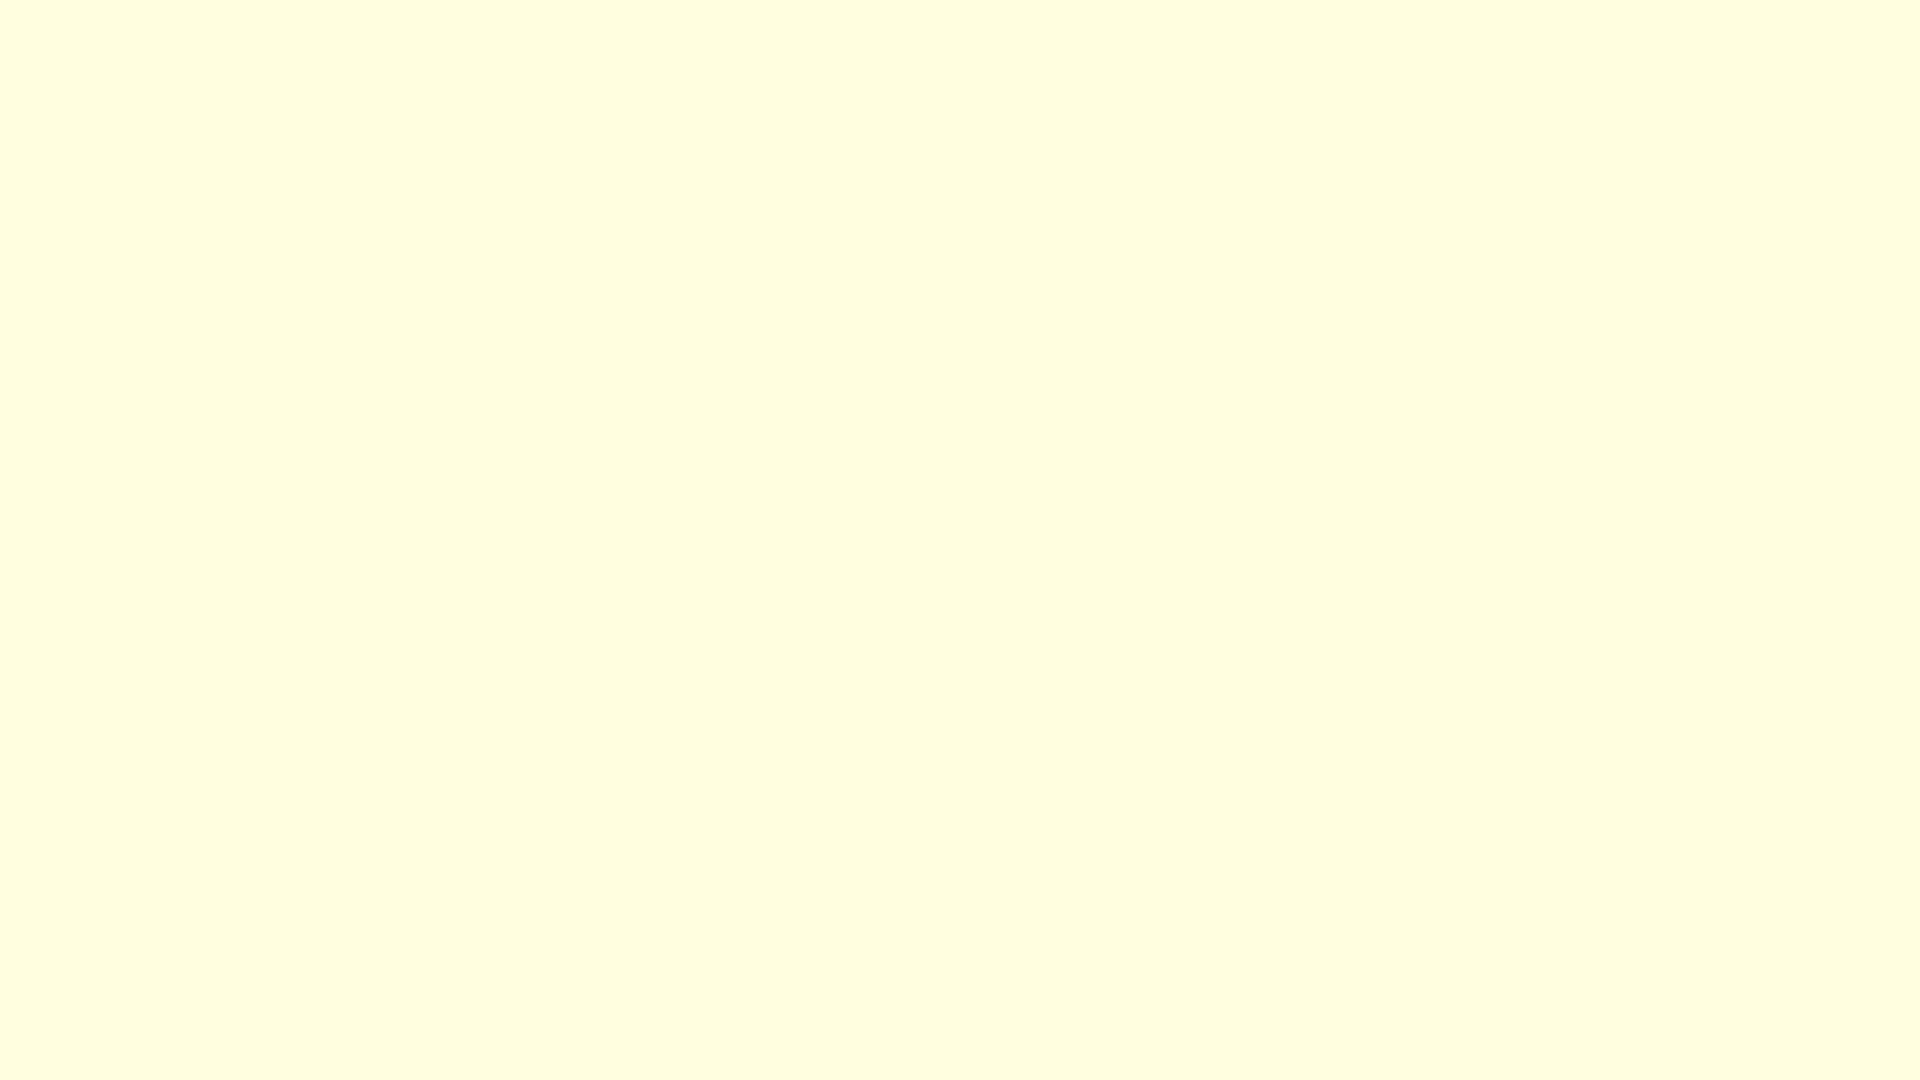 Light Colored Wallpaper - WallpaperSafari